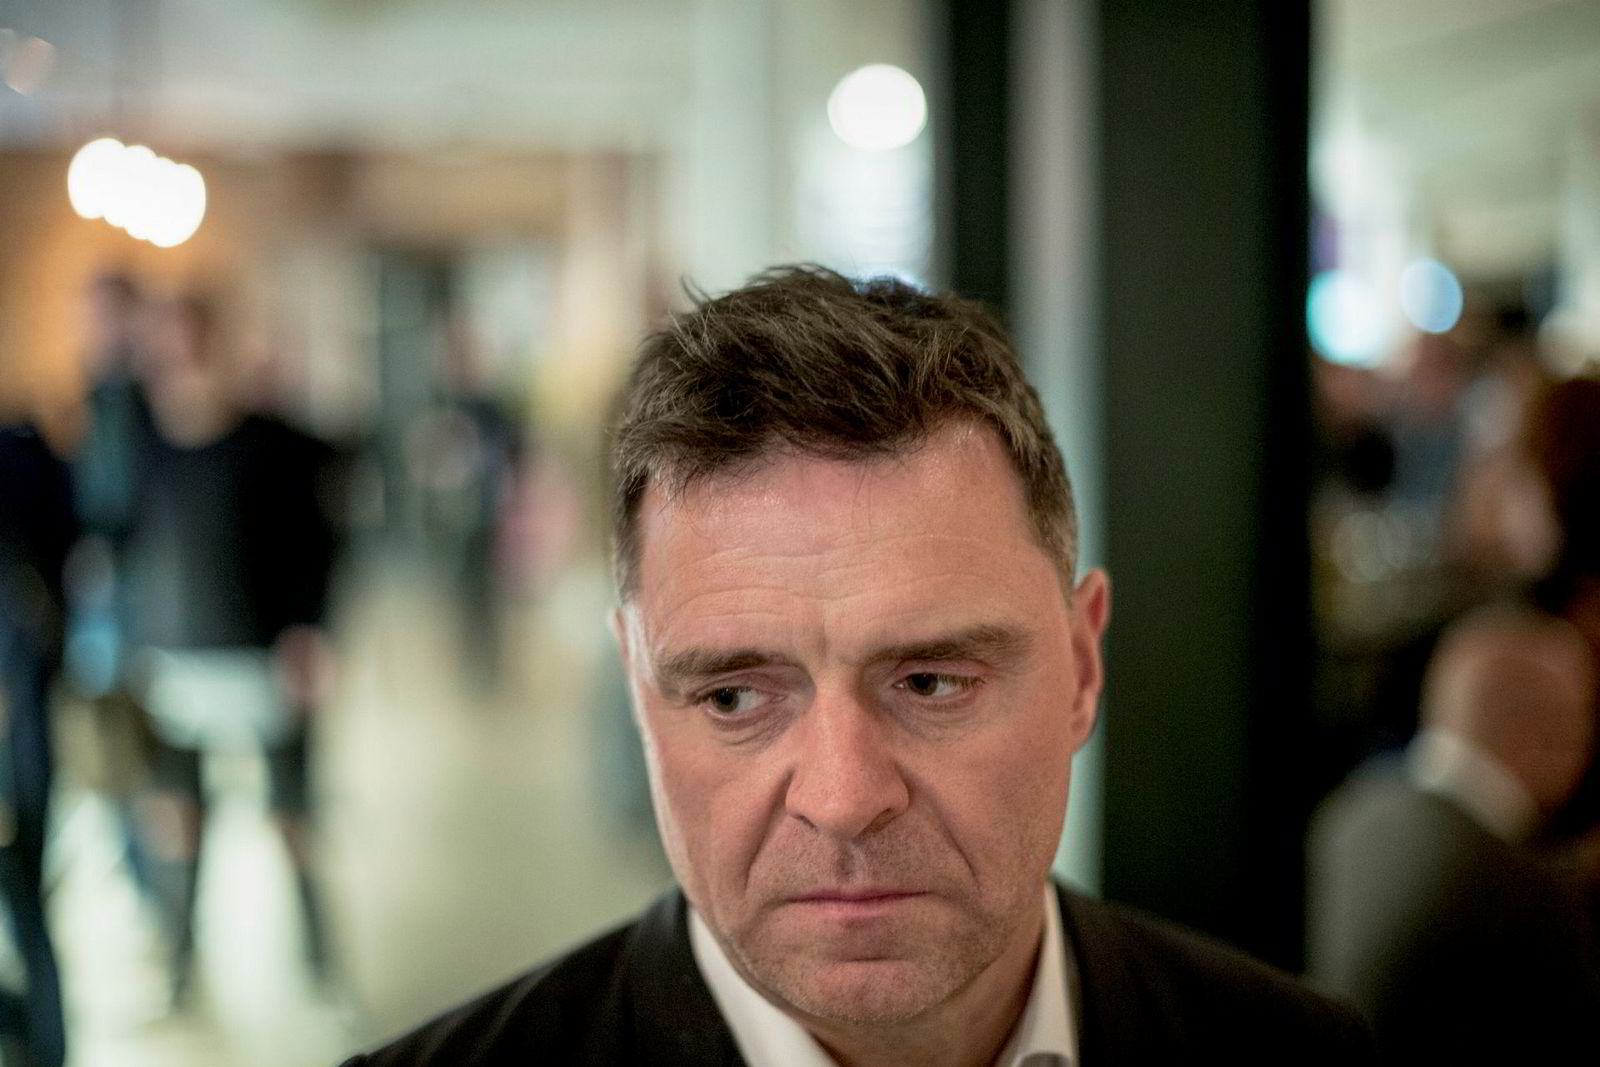 Sjefredaktør i Aftenposten Espen Egil Hansen.